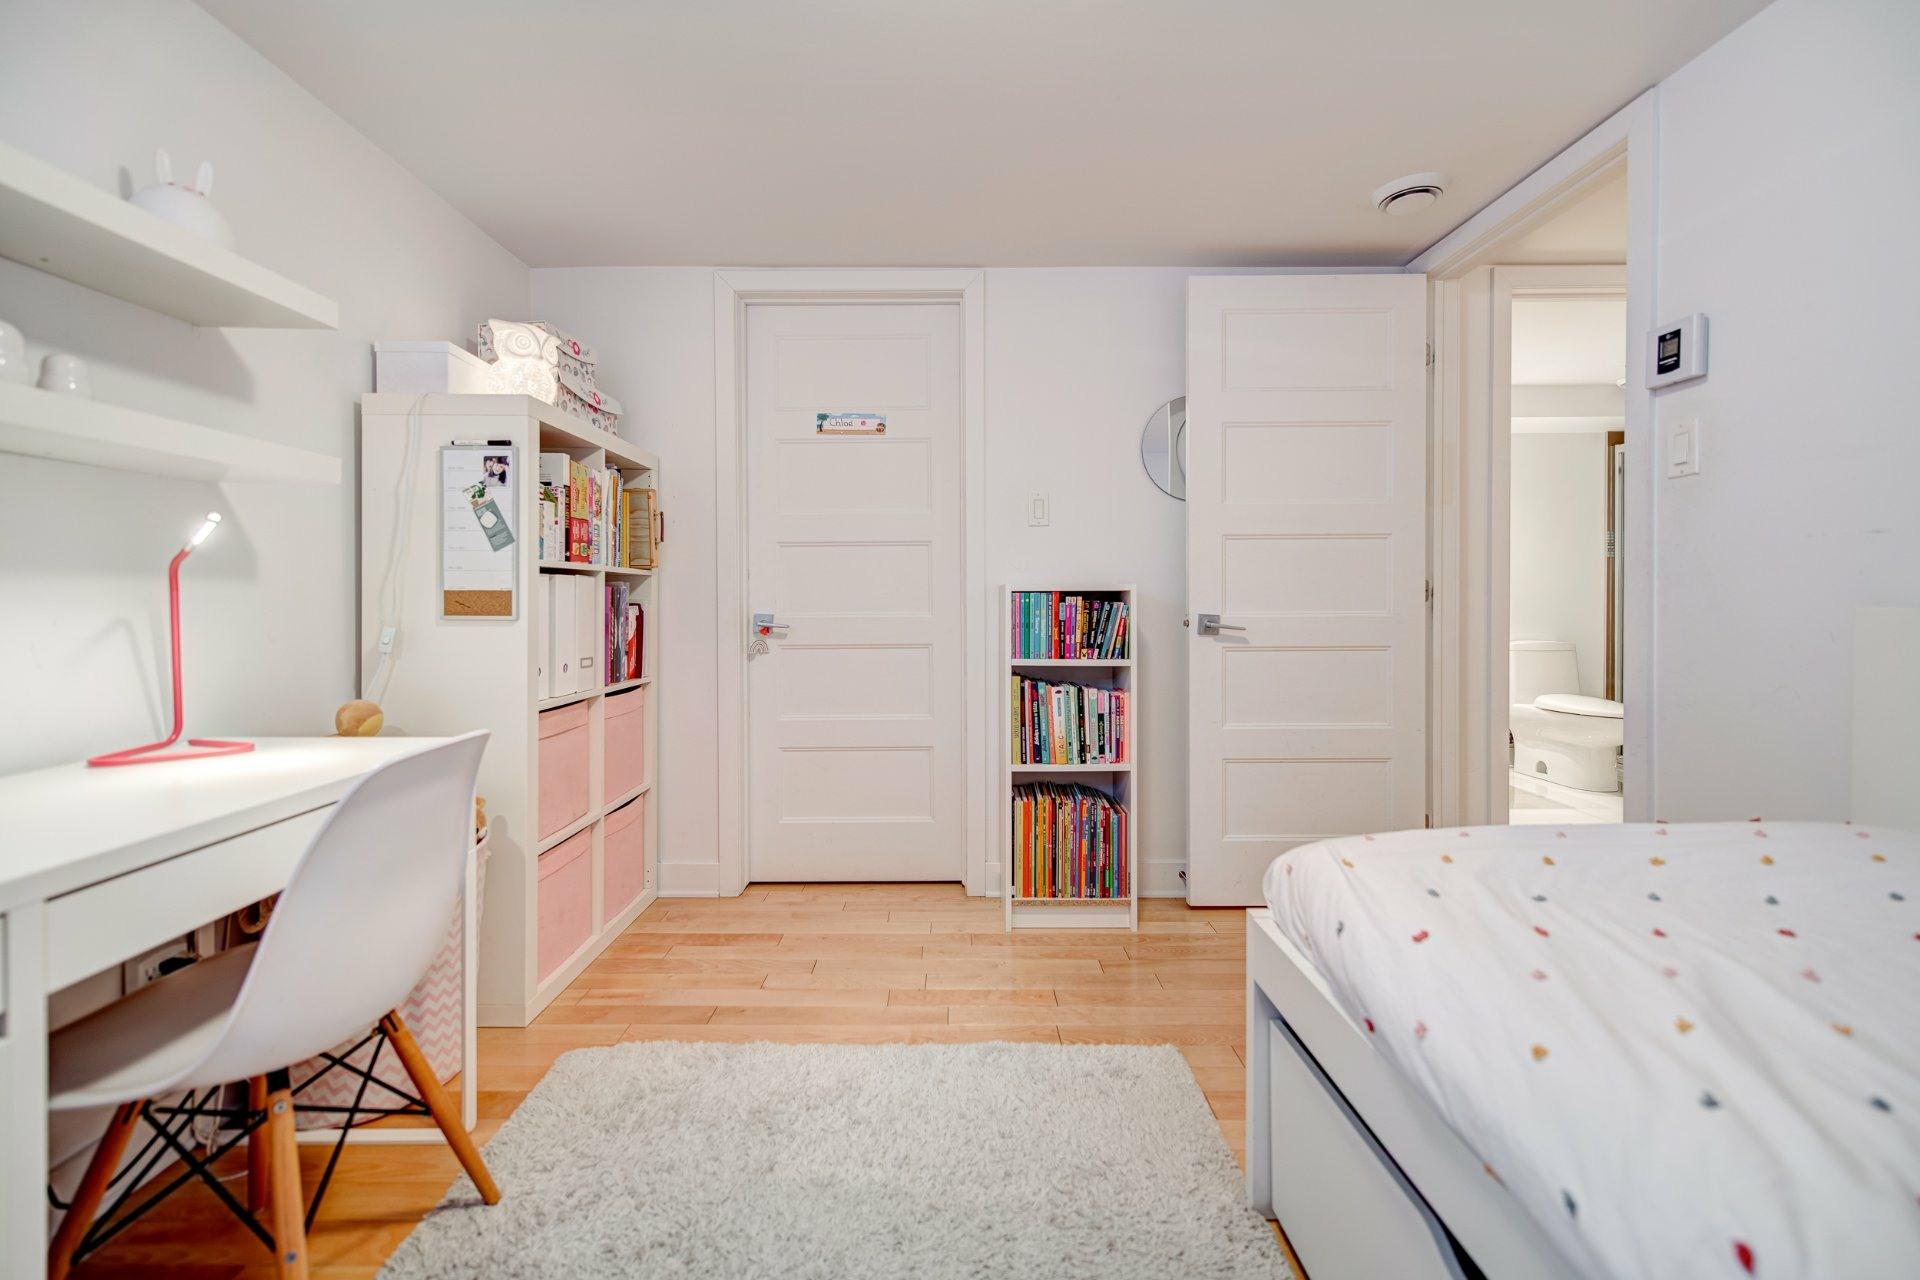 image 24 - Appartement À vendre Rosemont/La Petite-Patrie Montréal  - 6 pièces